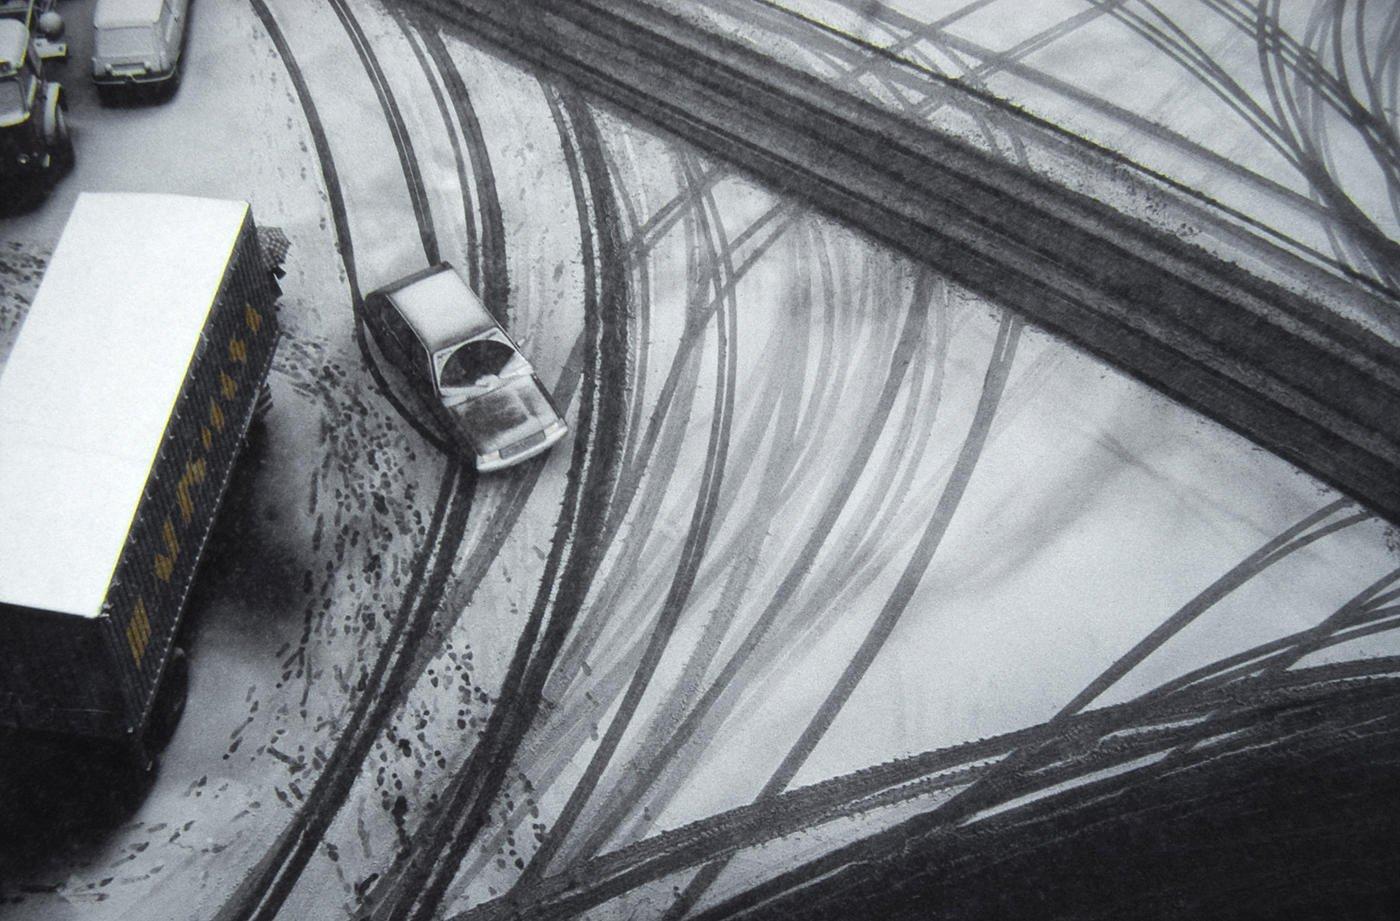 Roderas en la nieve (Salvador Solé Soriano)